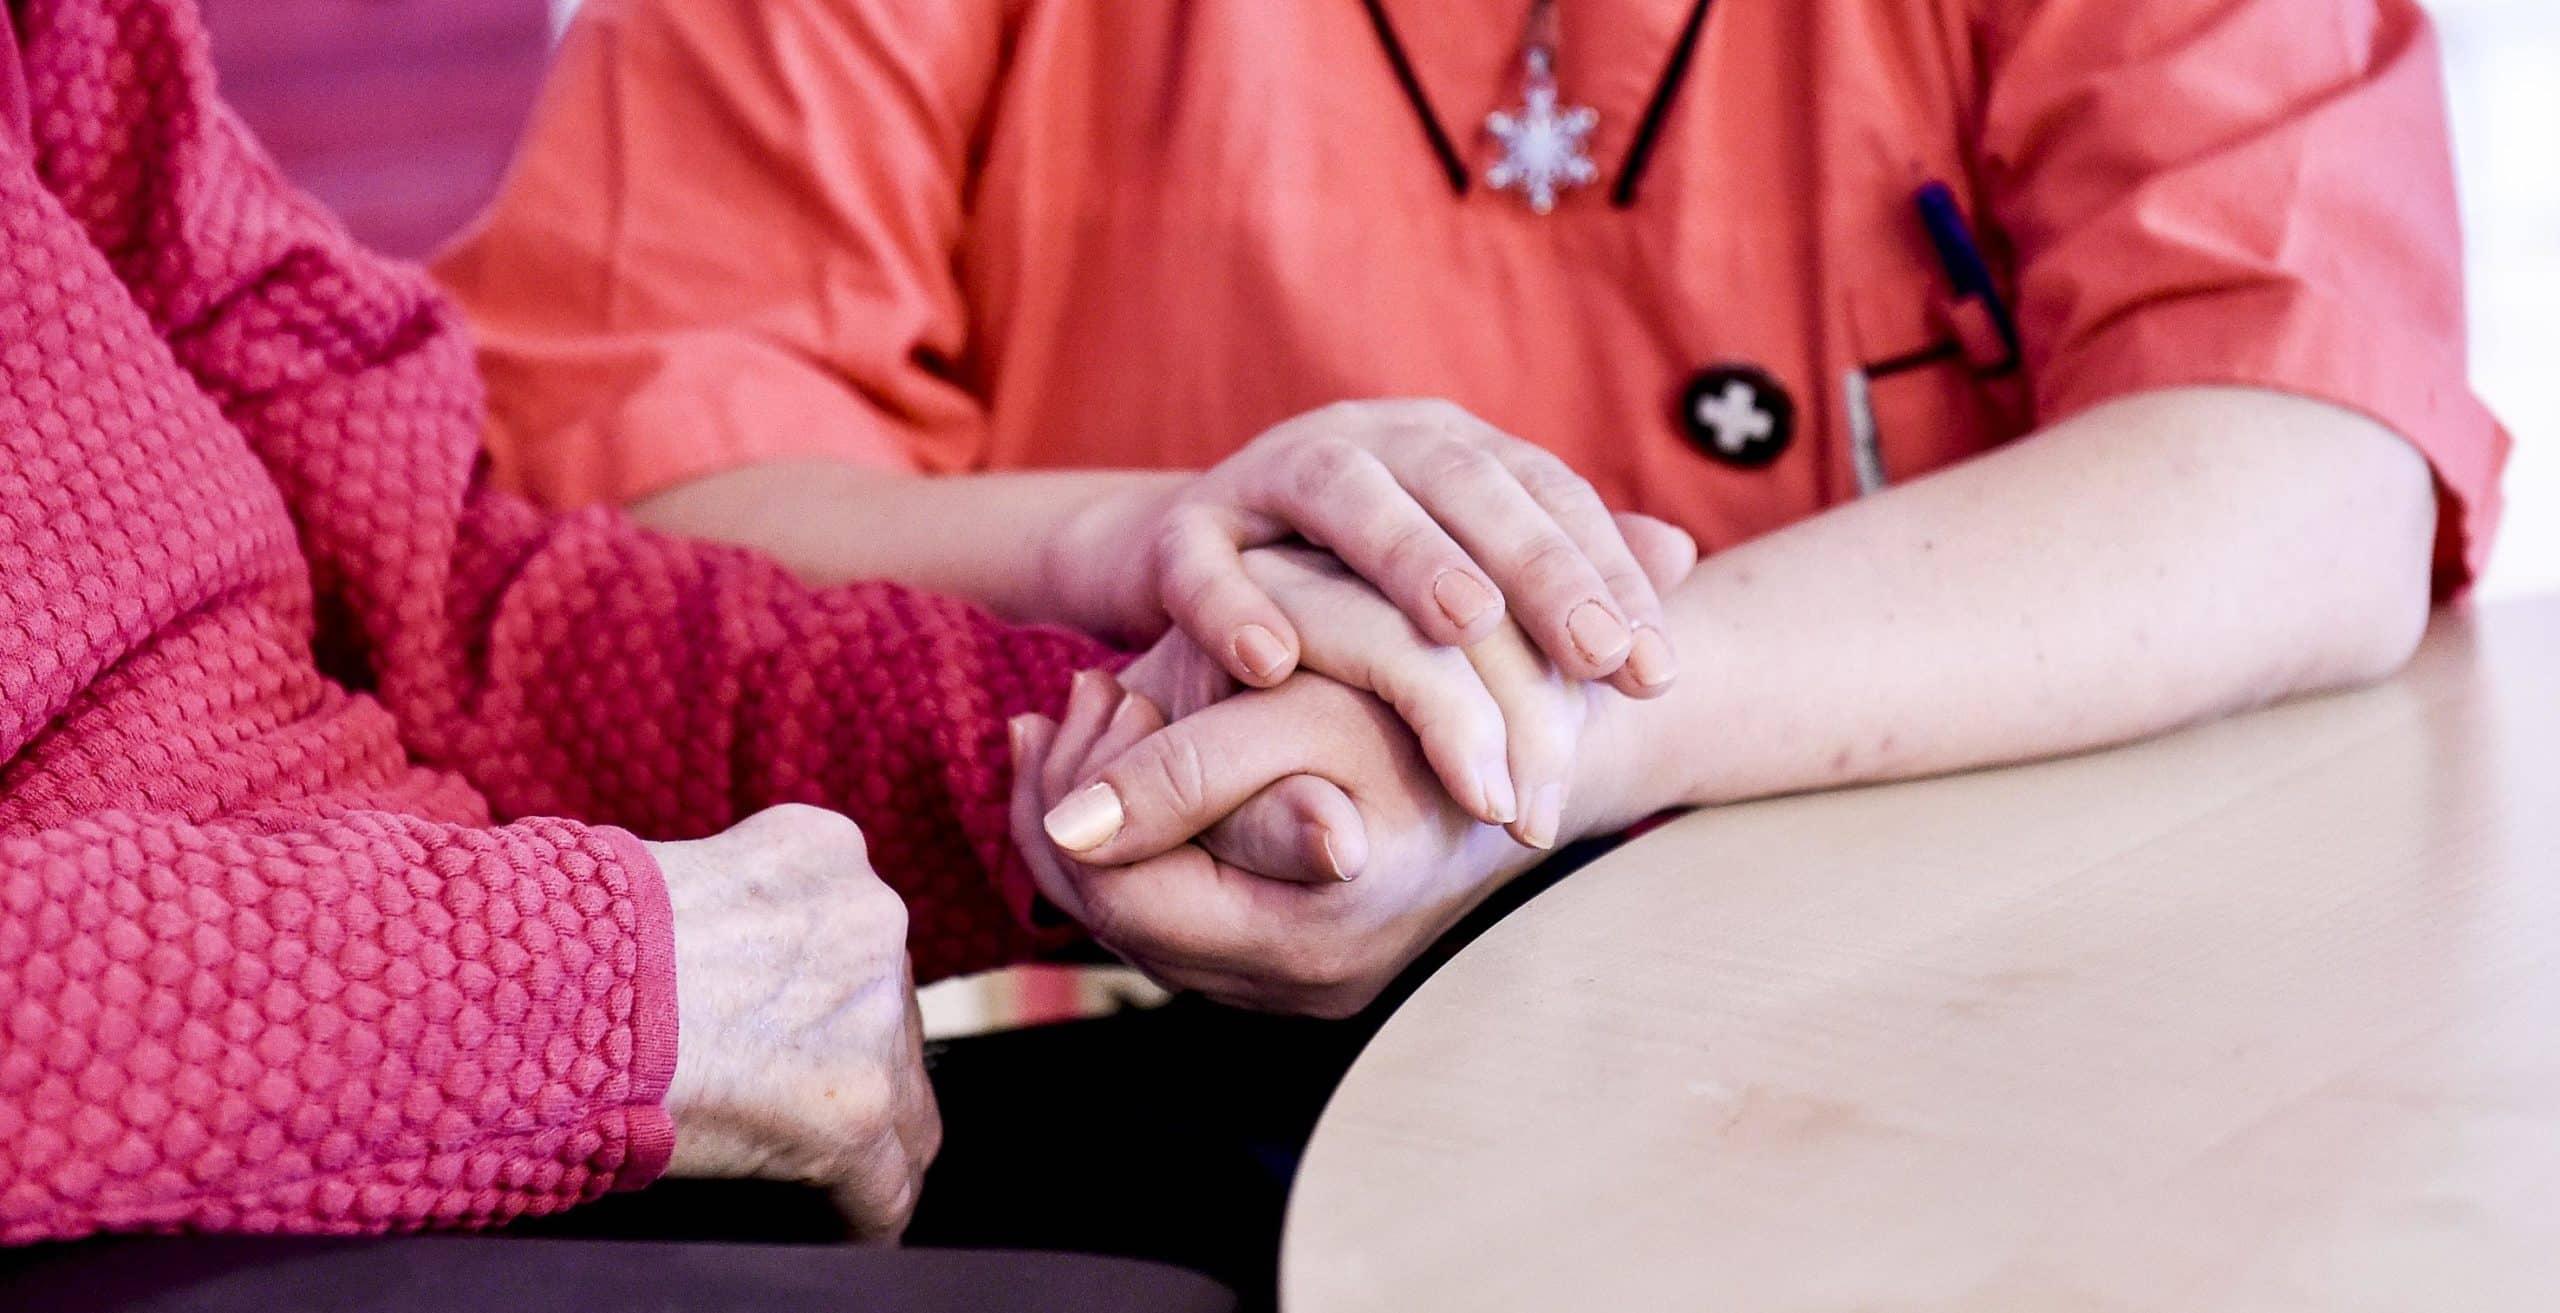 Två personer håller handen. En person är äldre och en person är yngre.